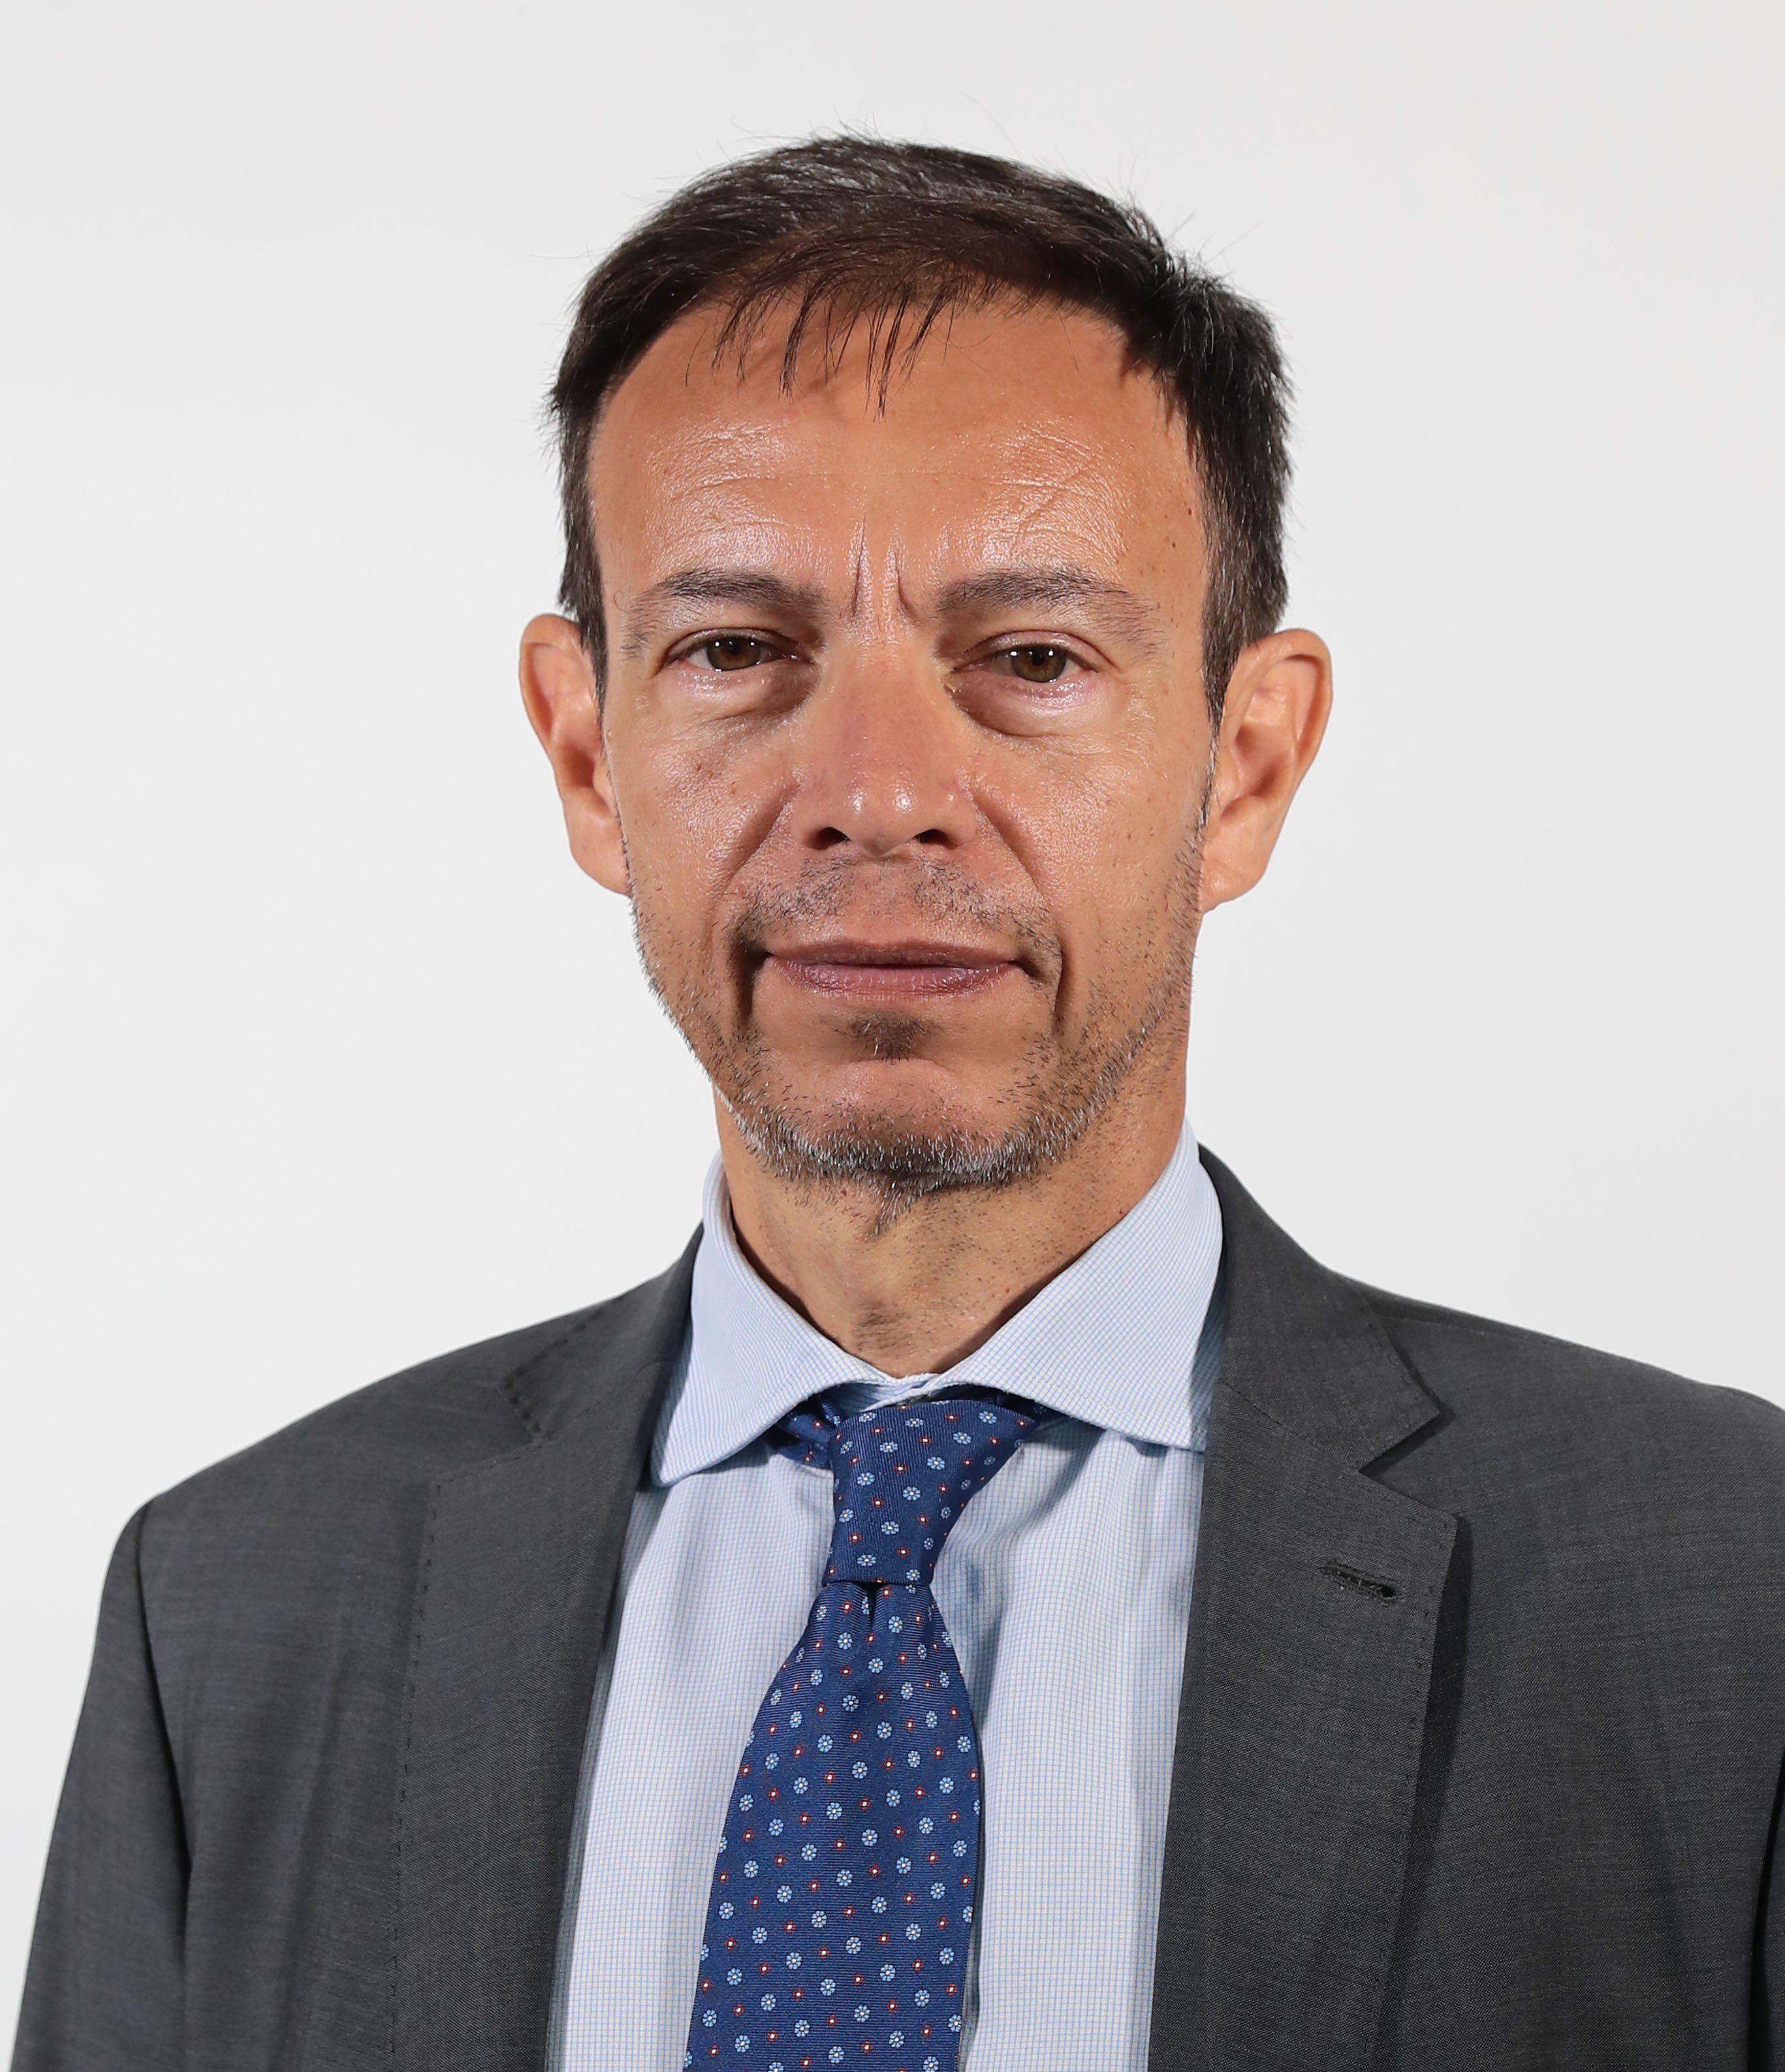 Rinnovato il contratto integrativo aziendale di Finpro per gli anni 2021-2022-2023